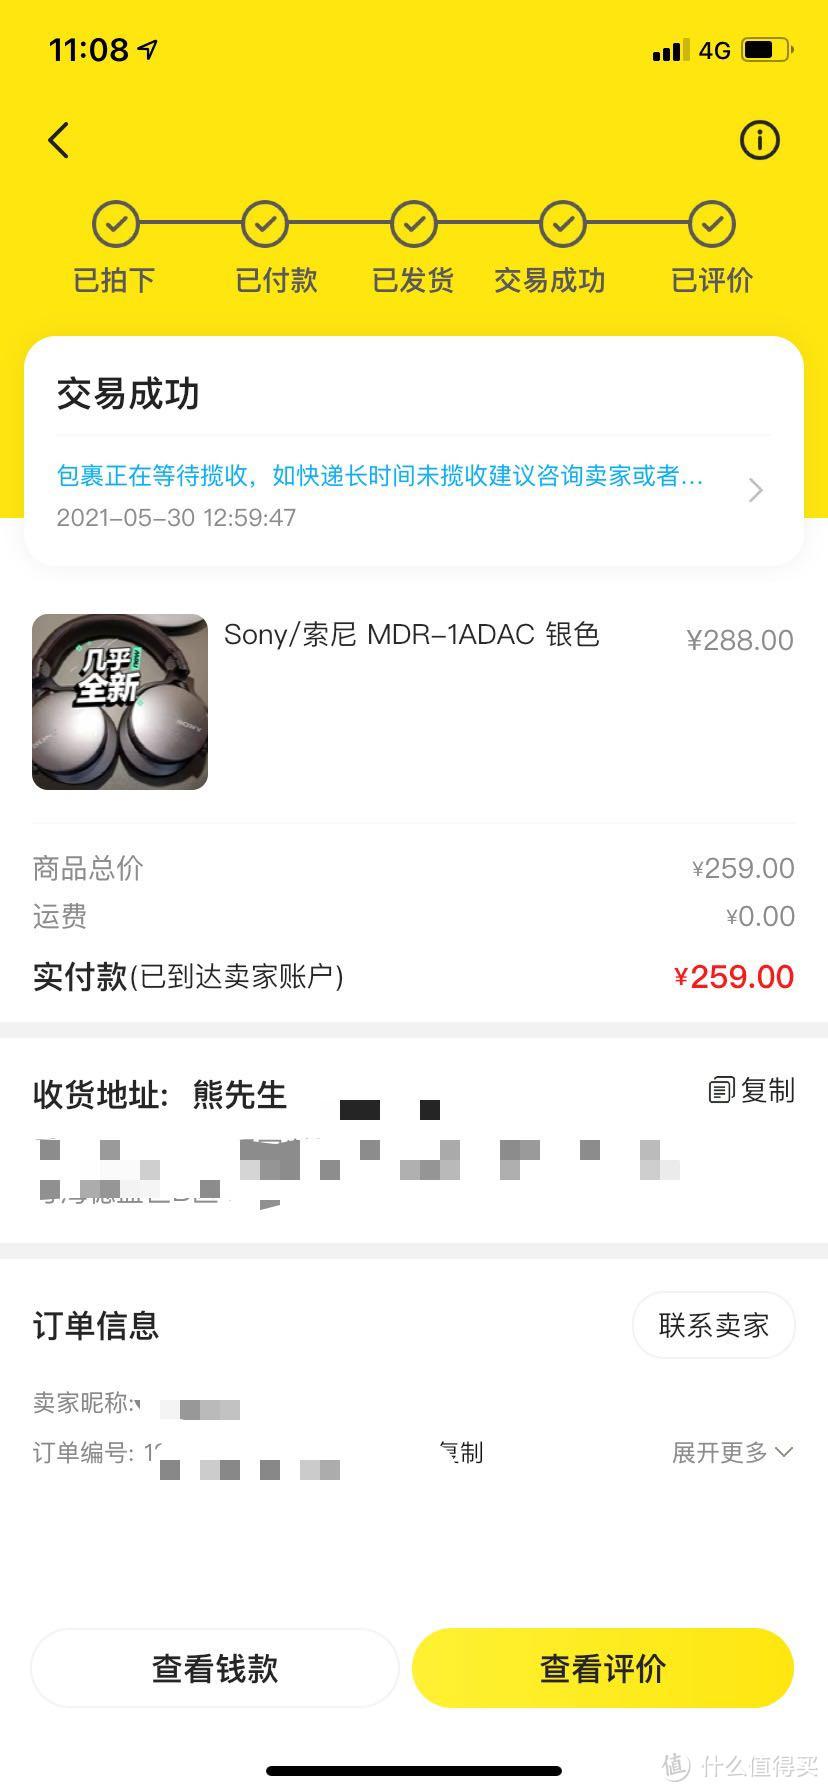 小黄鱼淘二手——259元体验索尼大法黑科技SONY MDR-1ADAC